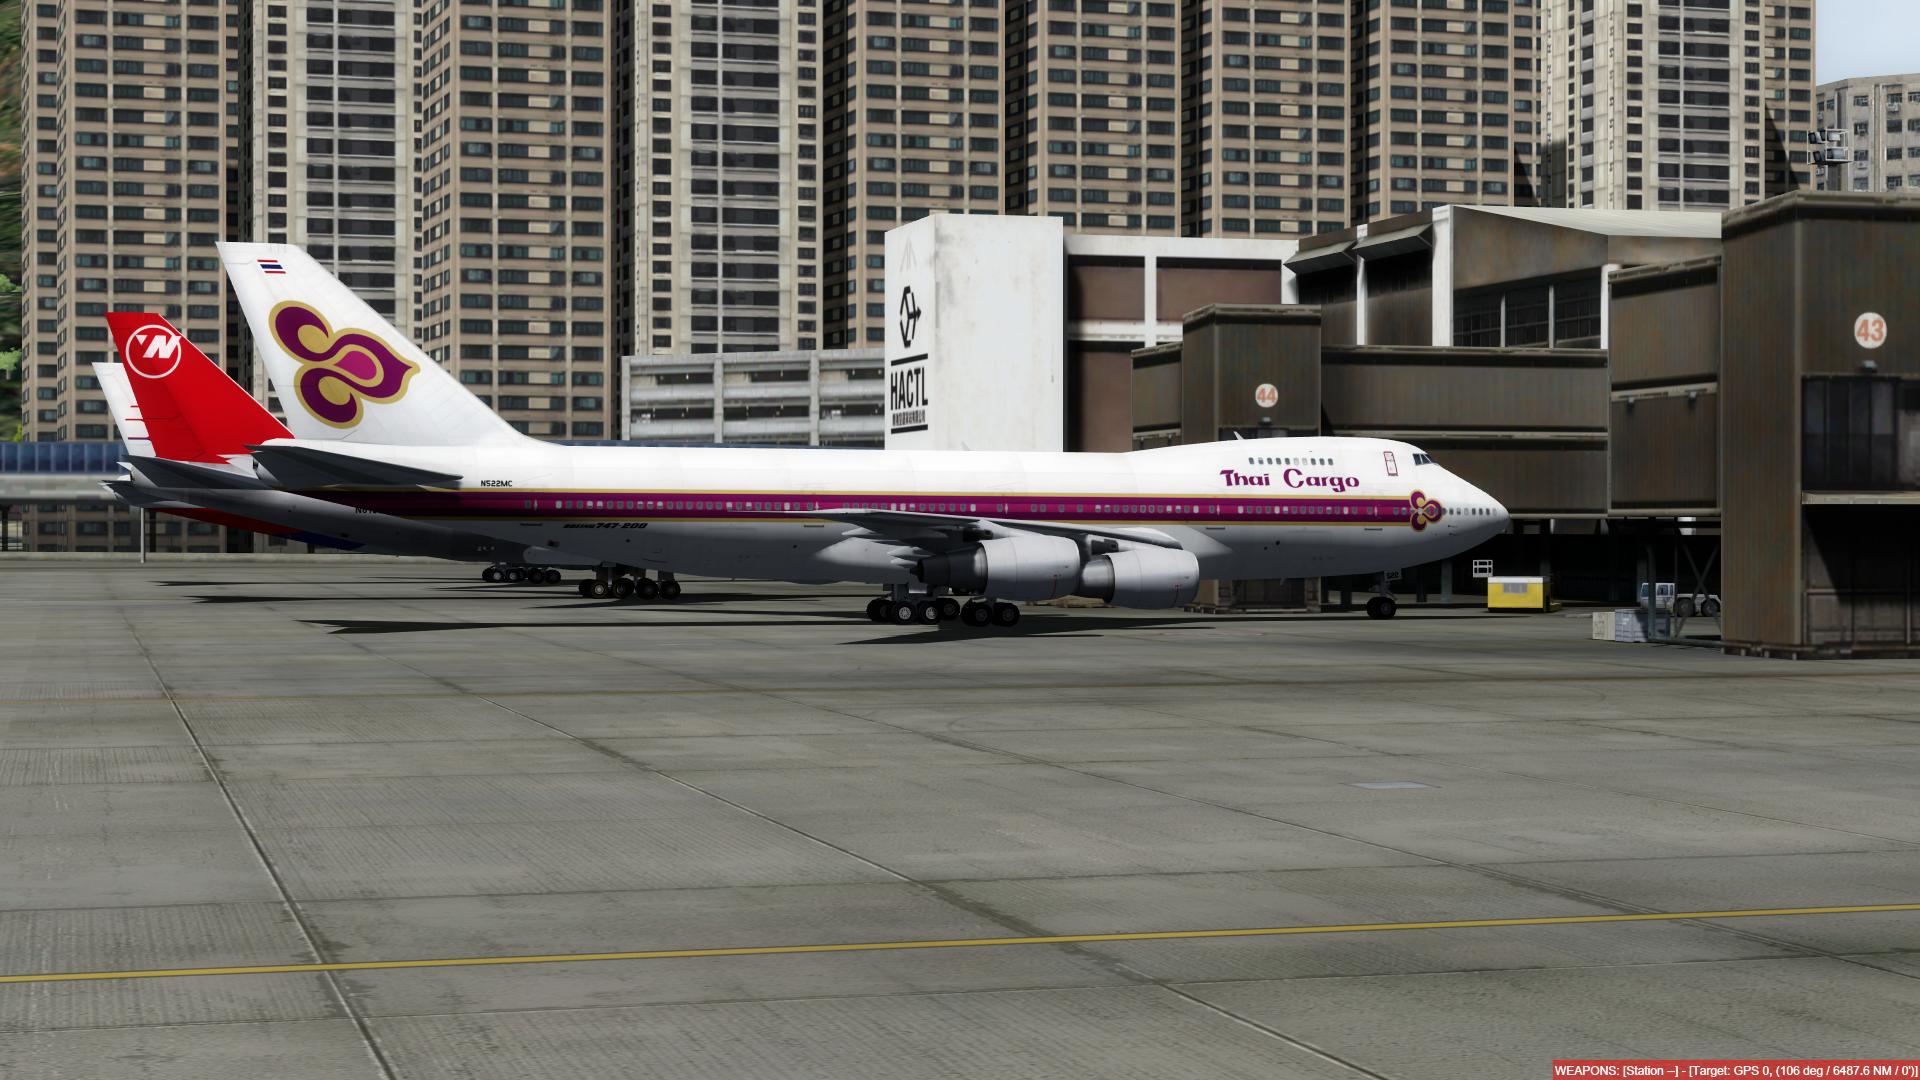 aeroporto - O dia a dia em Hong Kong Kai Tak - O aeroporto mais emocionante do mundo! P3D V4.4 - Só trafego AI. Captura-de-Tela-237